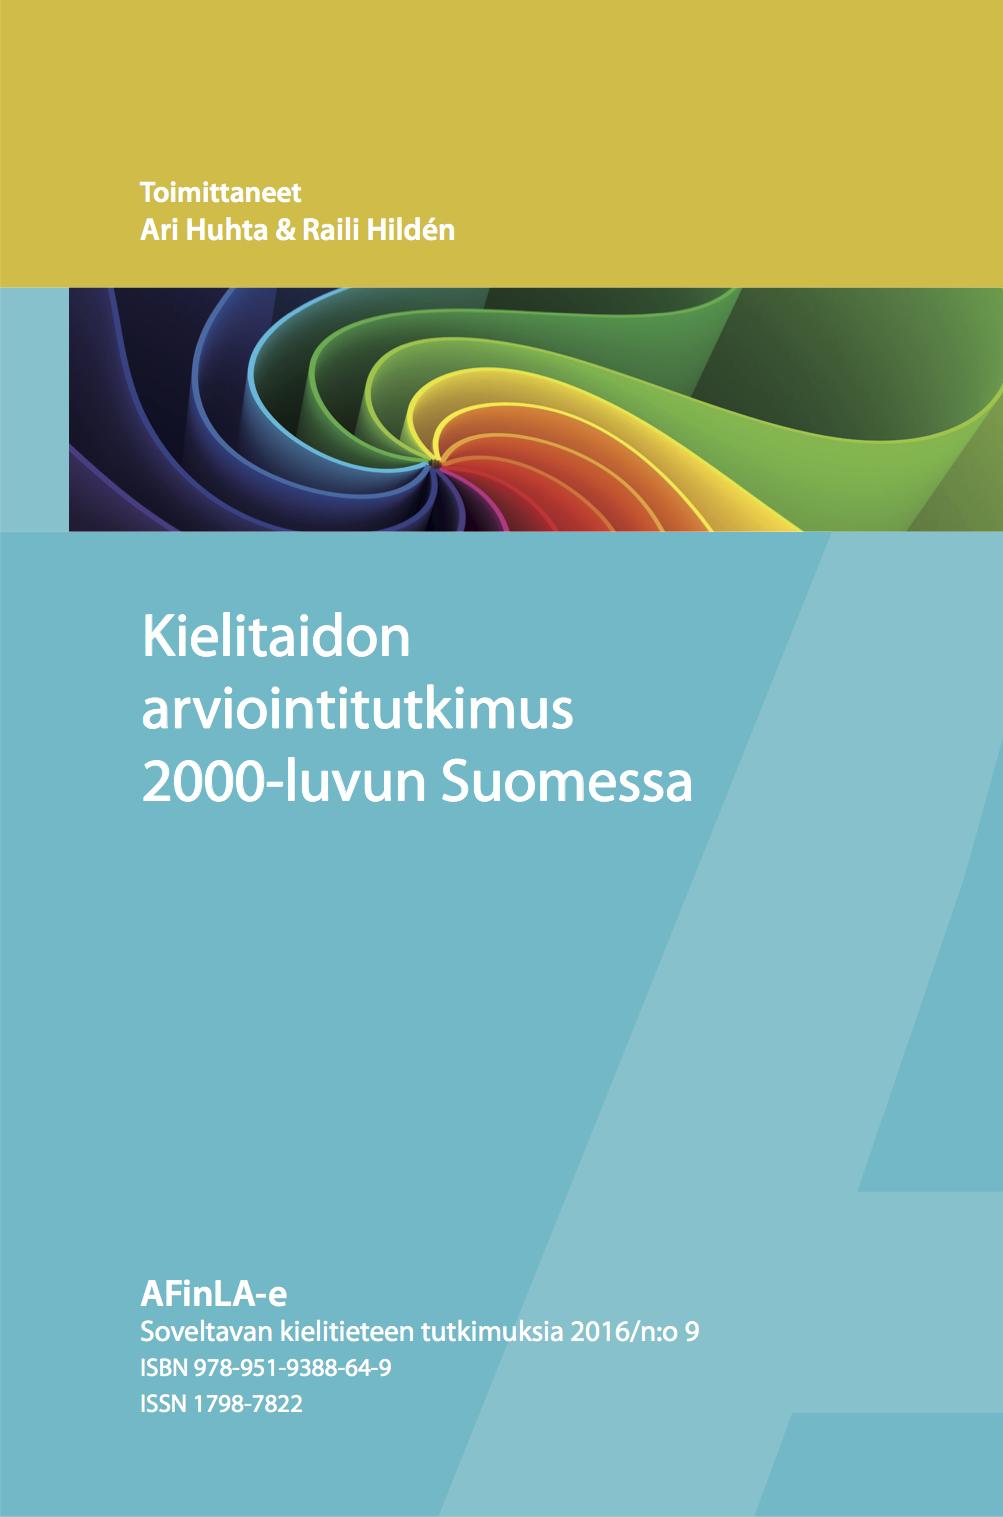 Näytä Nro 9 (2016): Kielitaidon arviointitutkimus 2000-luvun Suomessa